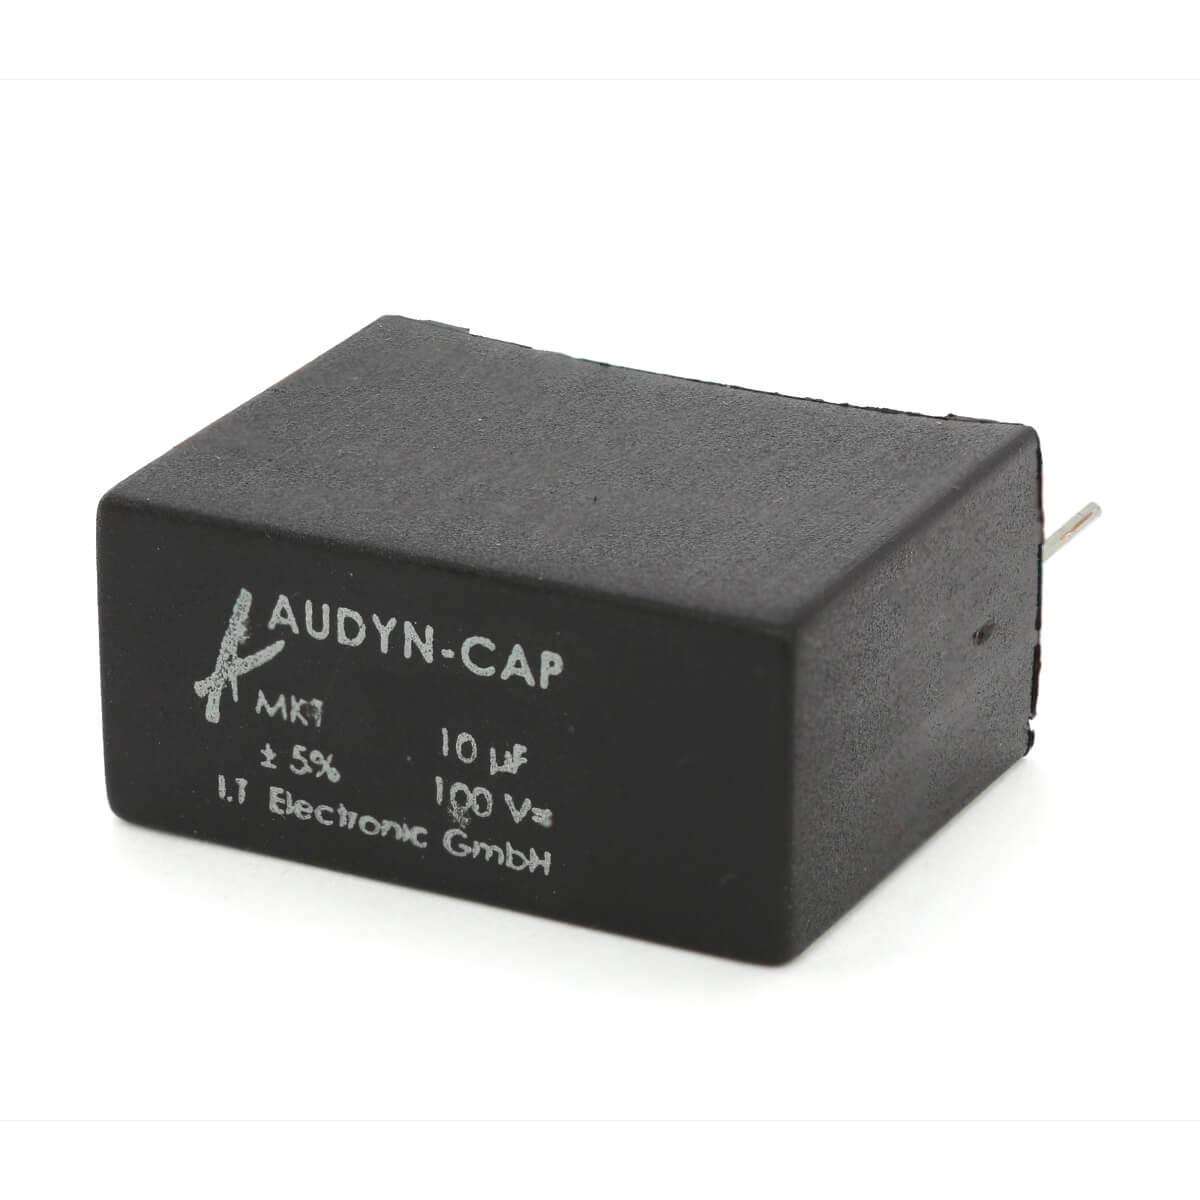 AUDYN CAP Condensateur MKT Radial 100V 1µF